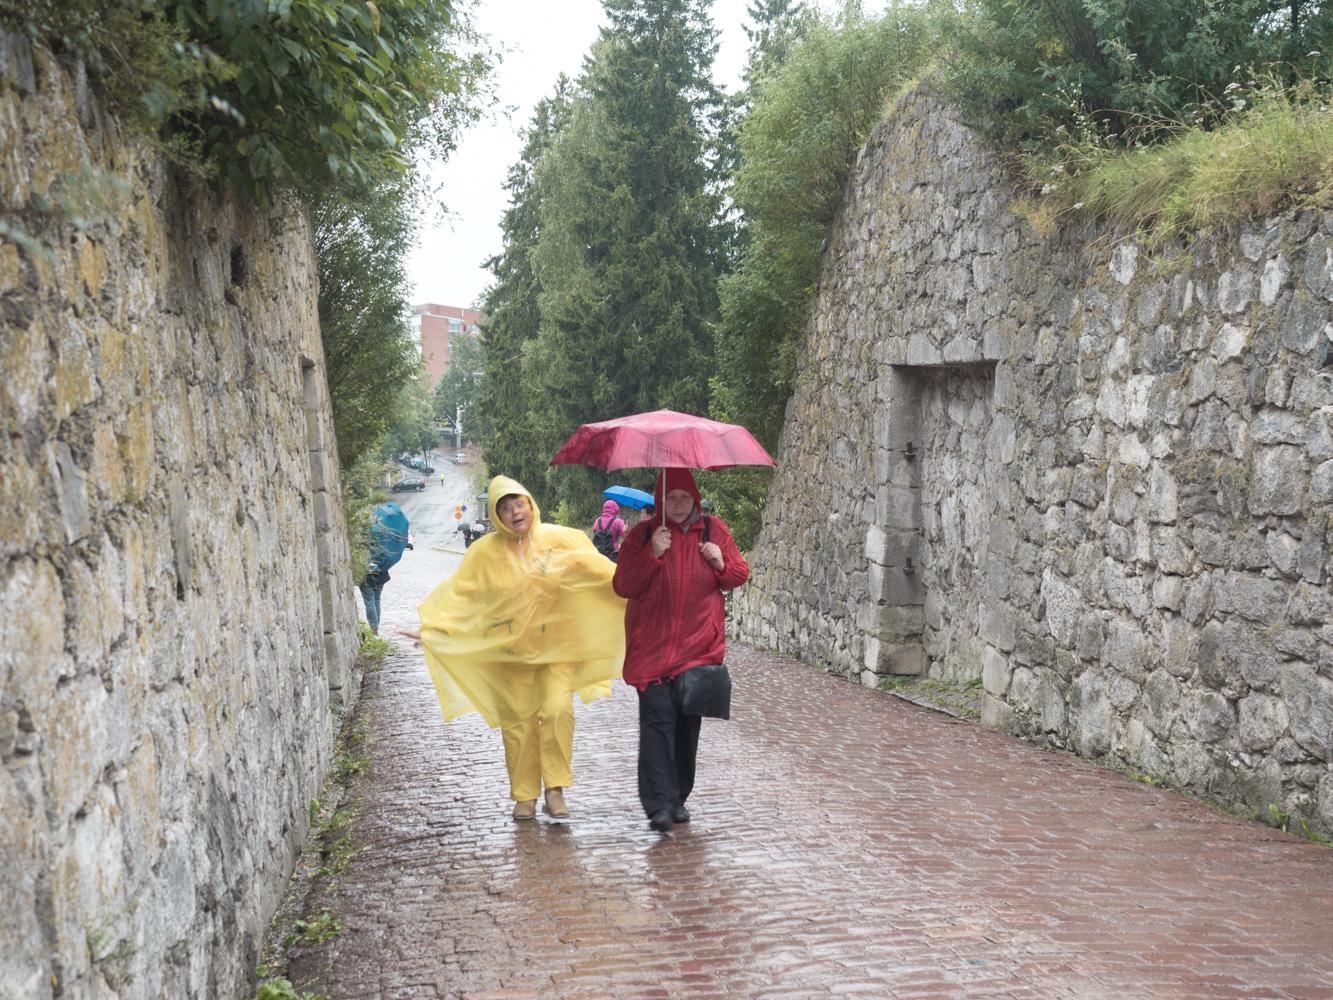 In der Altstadt Lappenrantas. Das Wetter wird allmählich schlechter